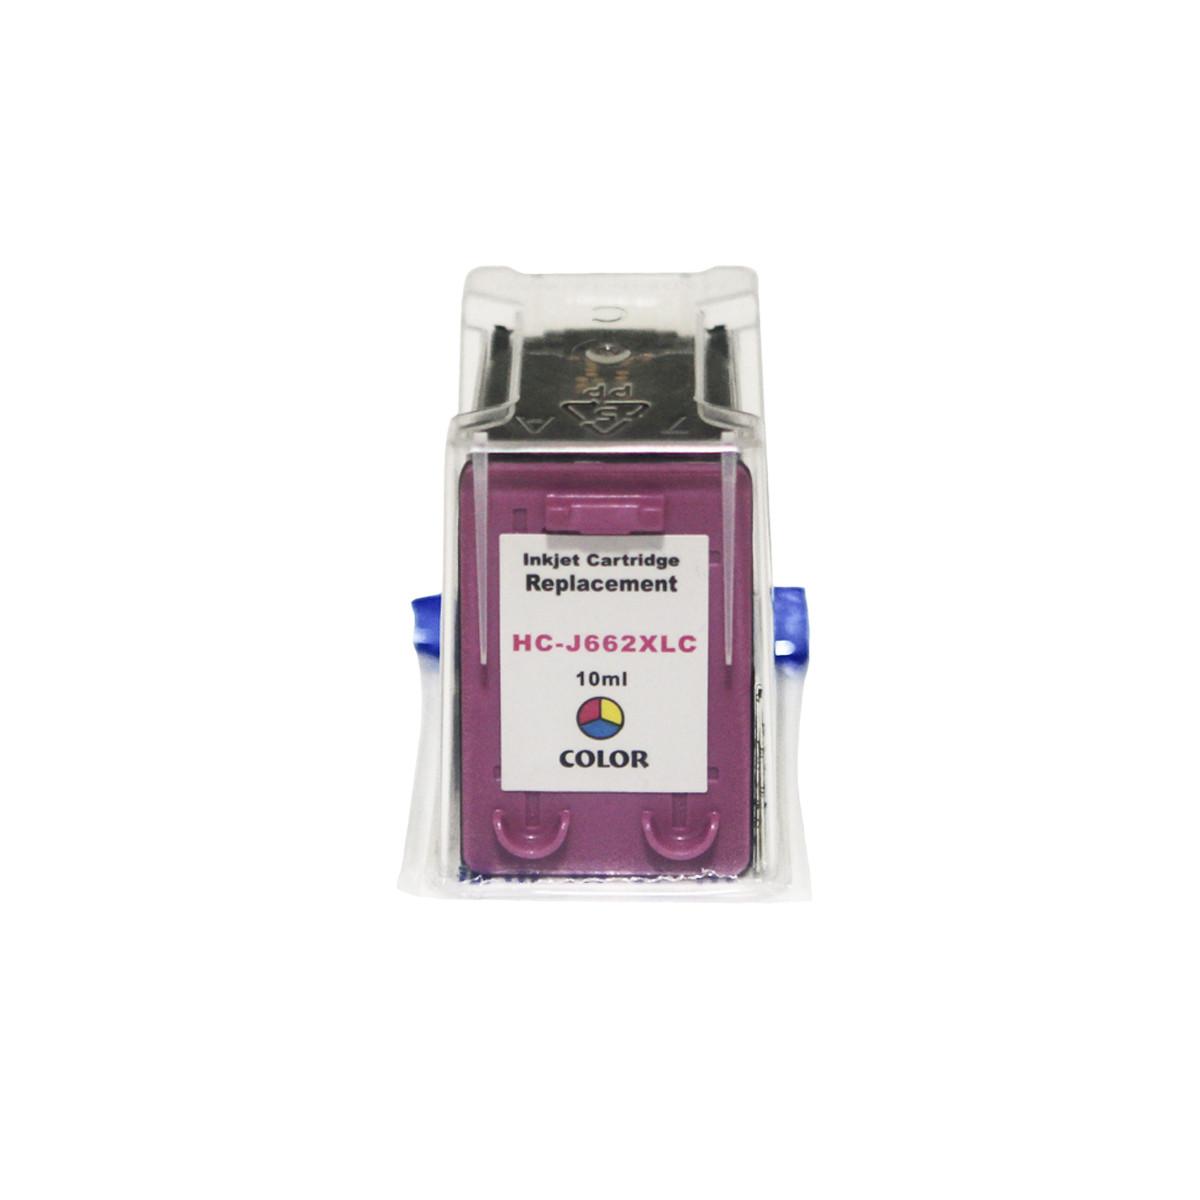 Cartucho de Tinta Compatível com HP 662XL Color CZ106AL | 1516 3516 2546 2516 2646 3546 4646 | 10ml